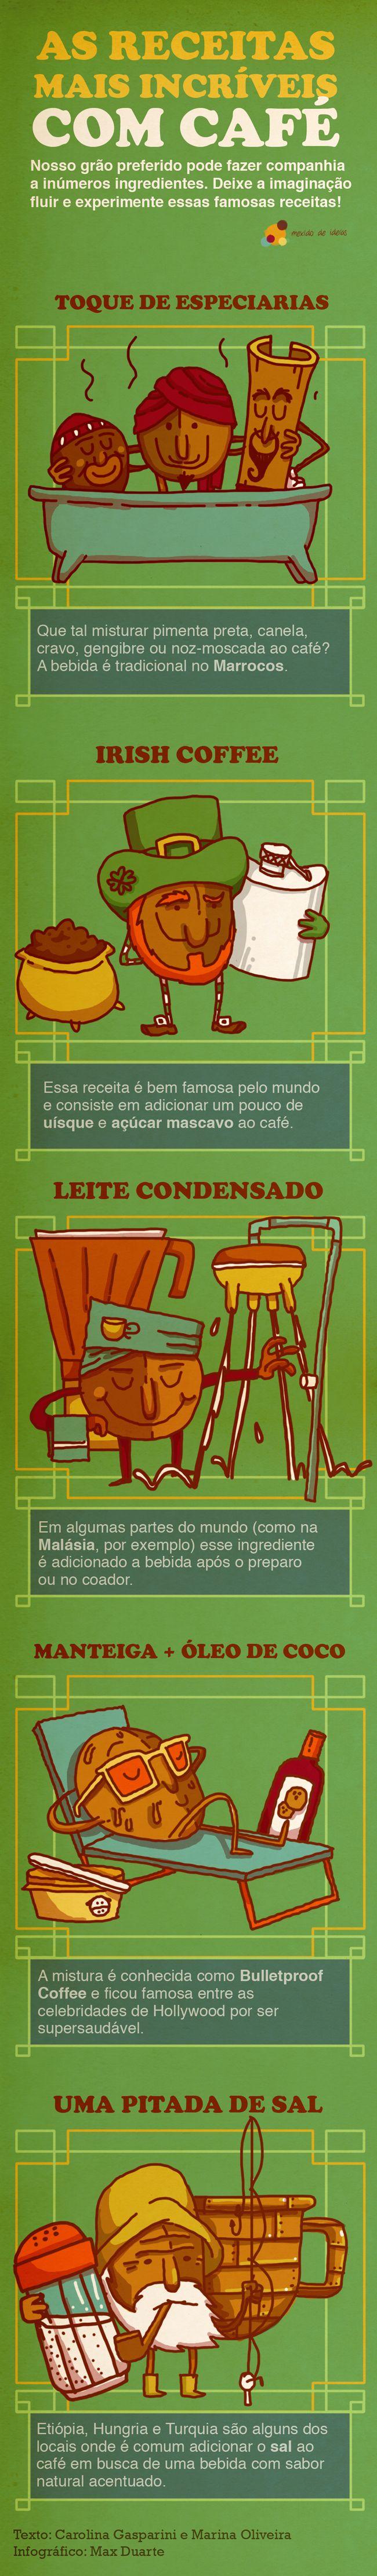 INFOGRÁFICO – AS RECEITAS MAIS INCRÍVEIS COM CAFÉ